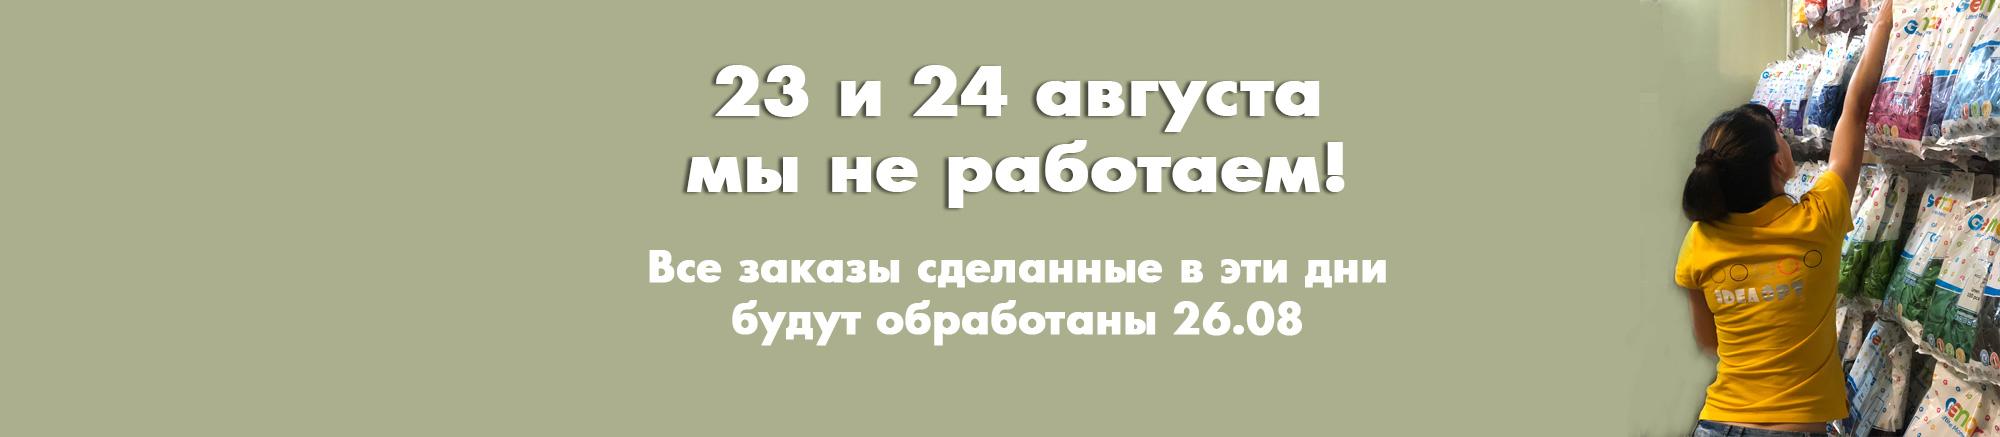 2324opt2